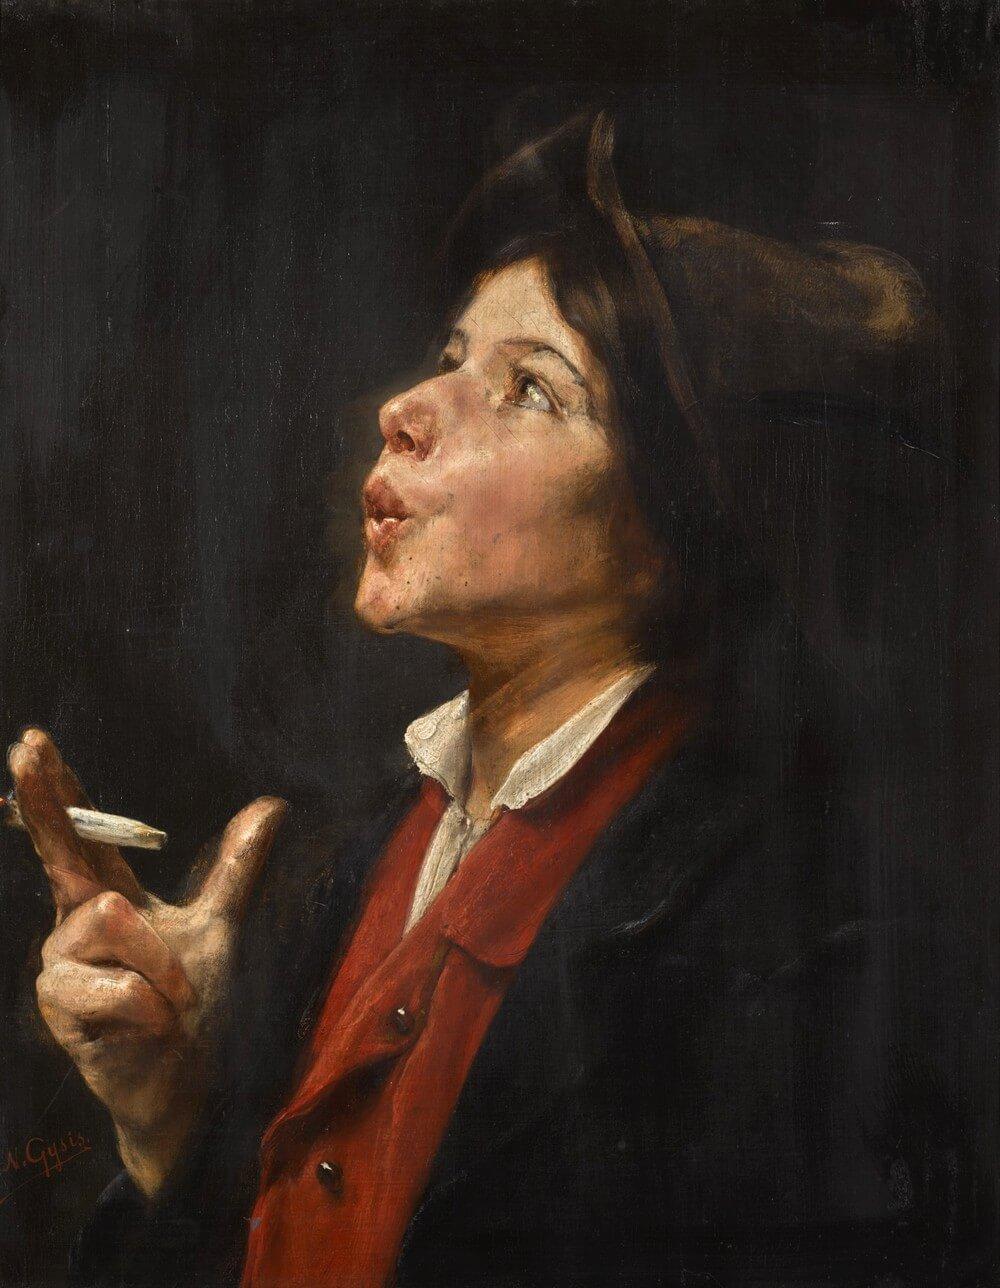 Nikolaos Gyzis. Charles Baudelaire. Madame Aupick. Brieven aan zijn moeder. Vertalingen Vivienne Stringa